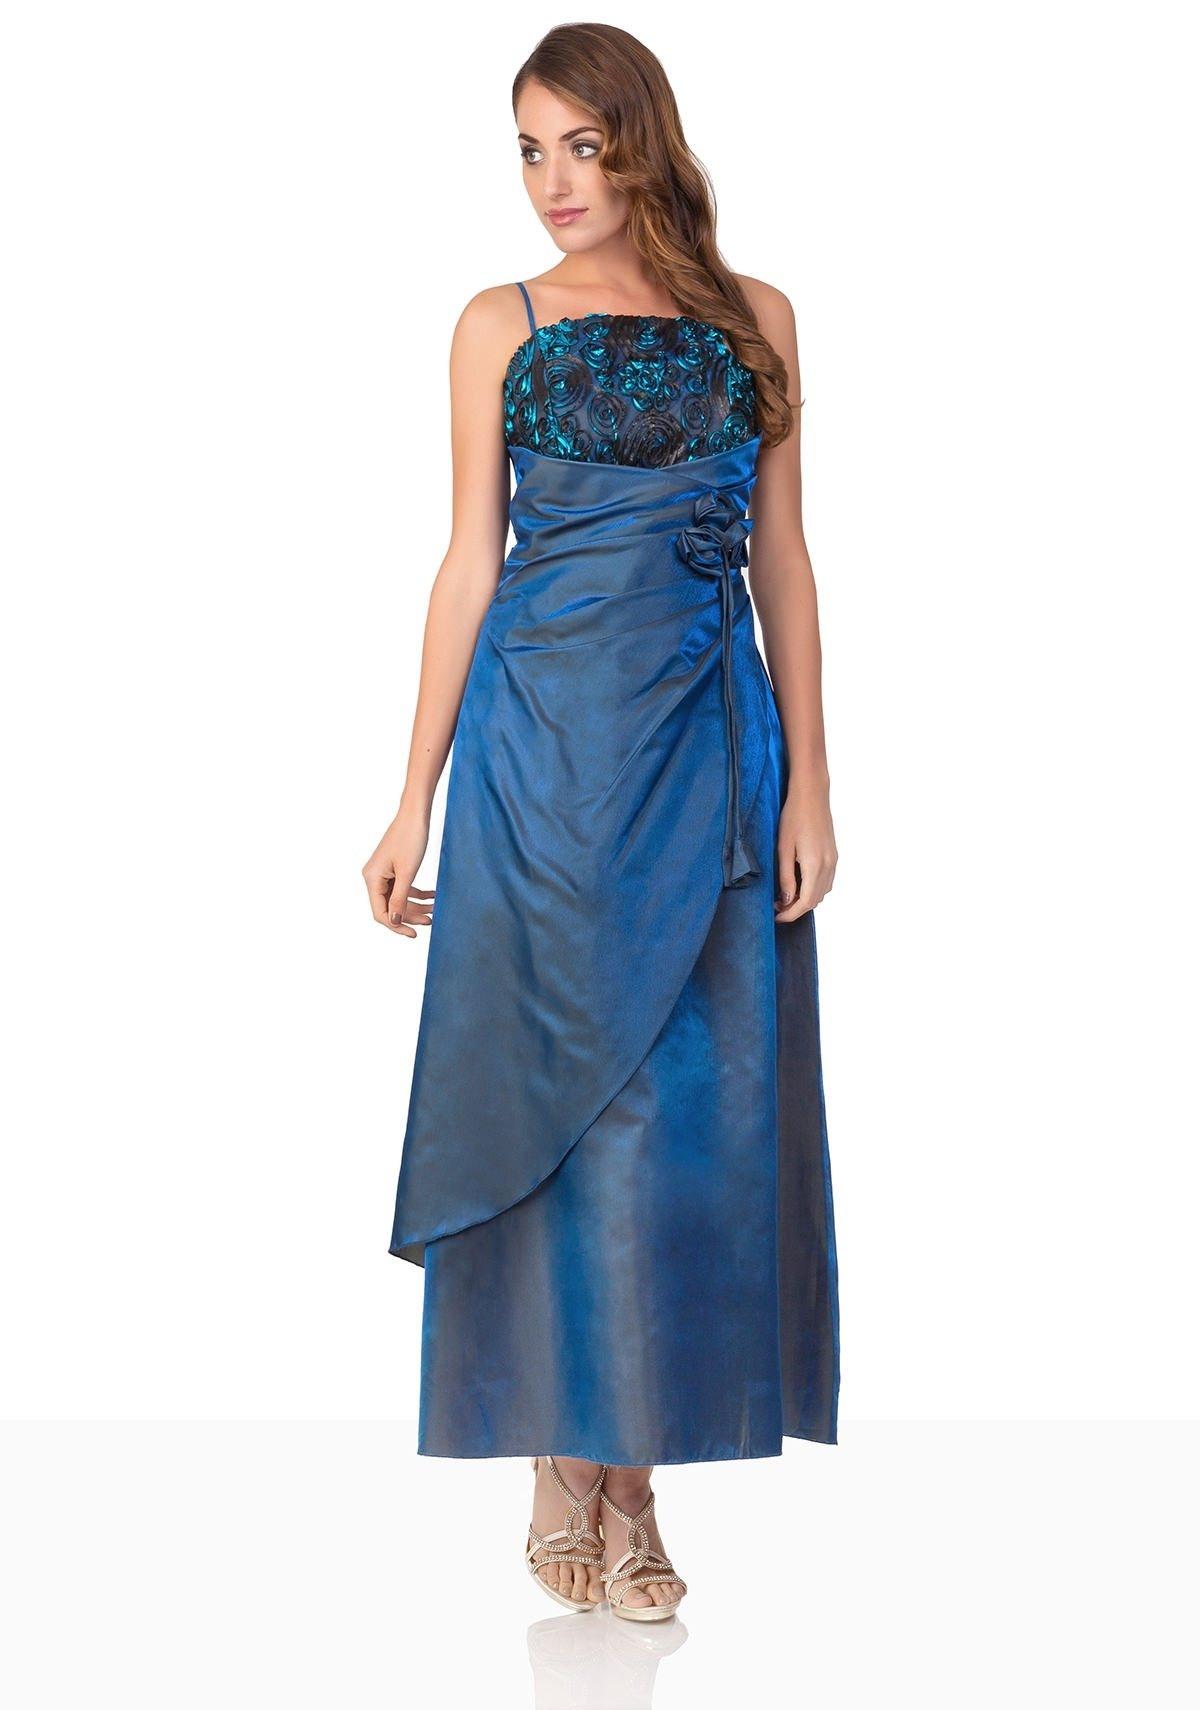 17 Schön Schöne Günstige Abendkleider SpezialgebietAbend Schön Schöne Günstige Abendkleider Vertrieb